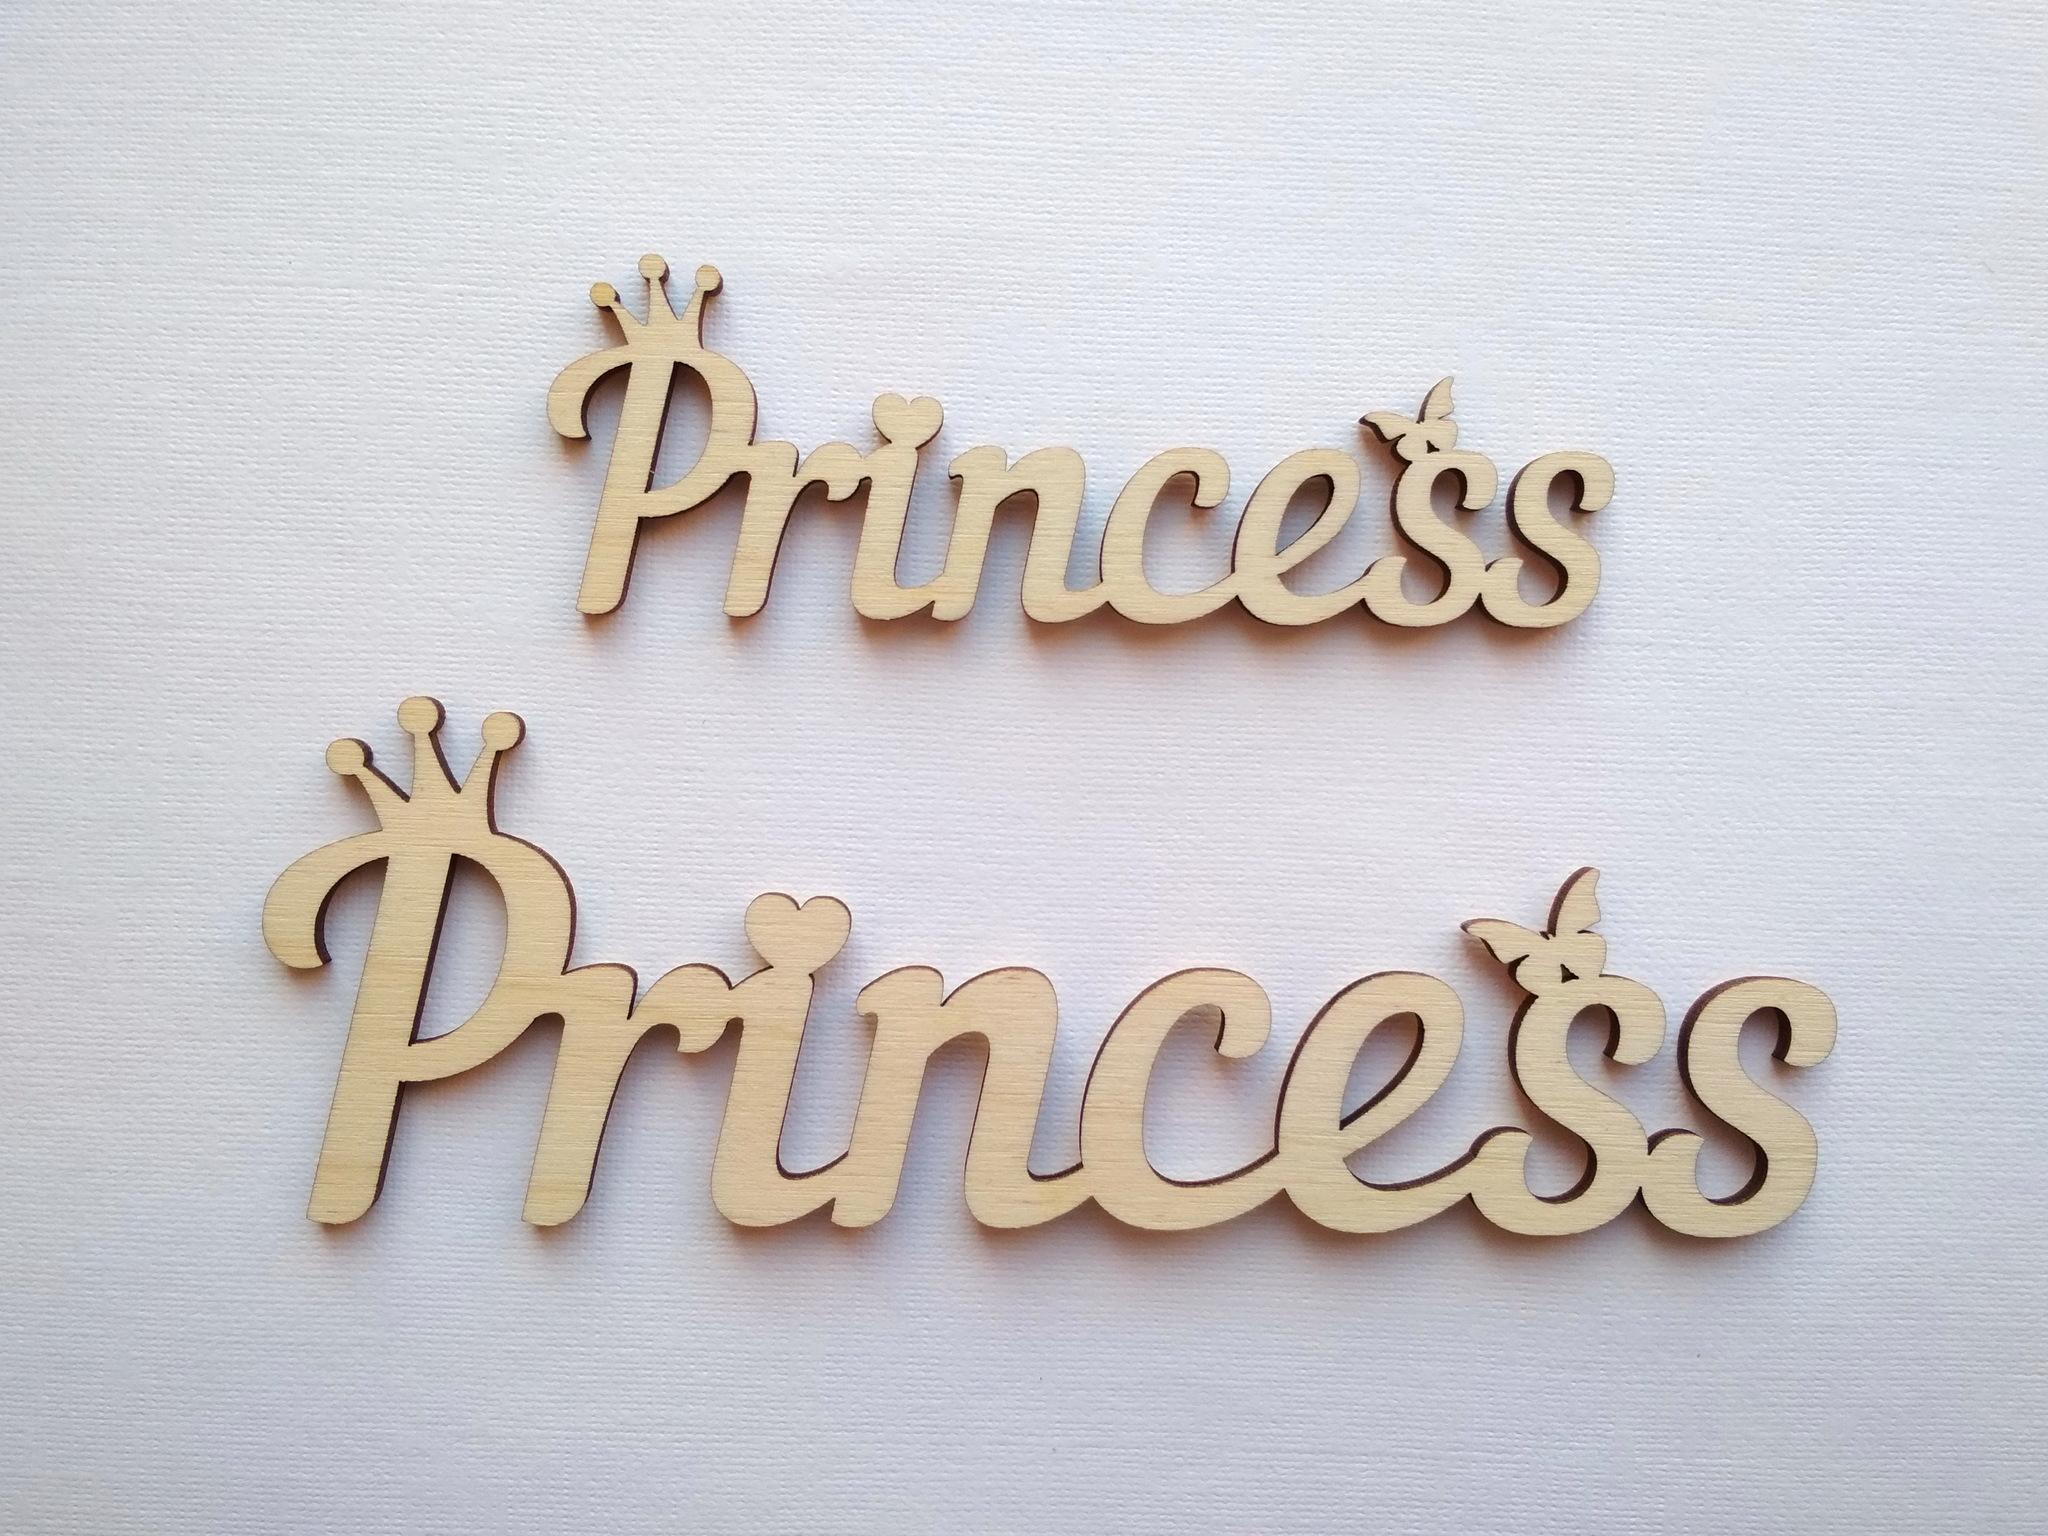 Года свадьбы, картинки с надписью принцесса на английском